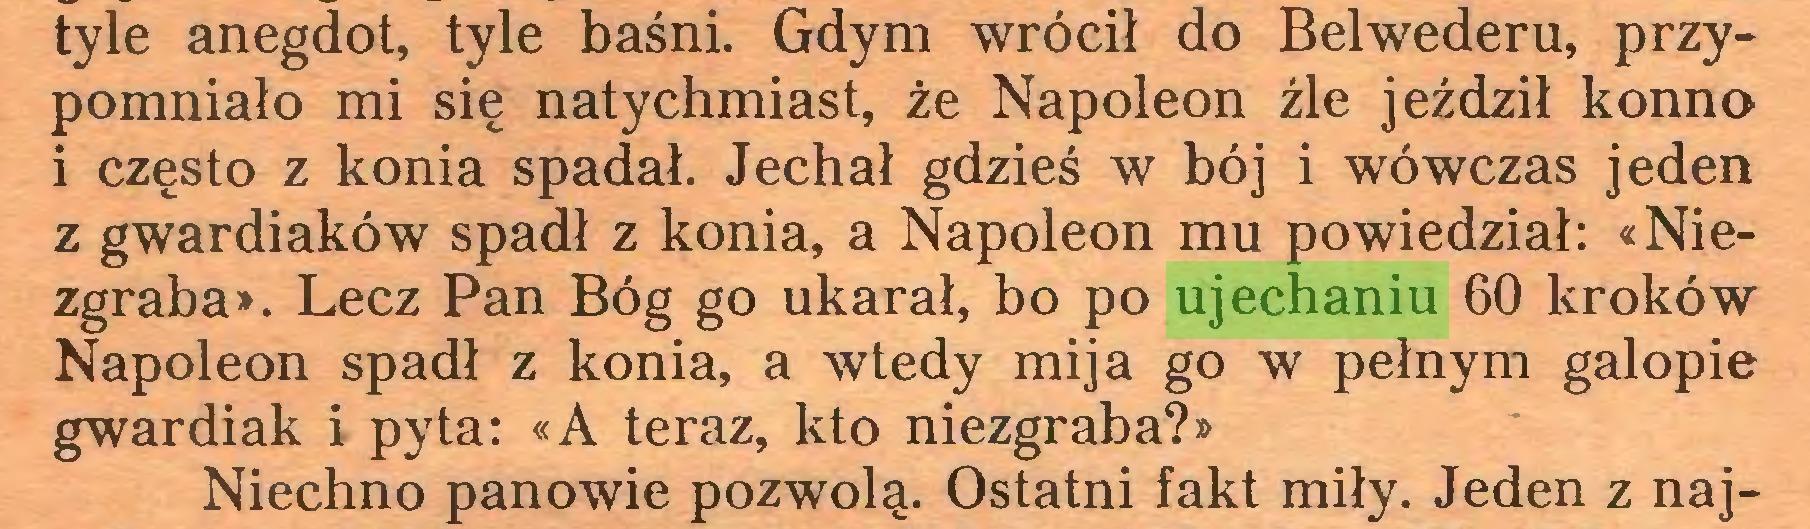 (...) tyle anegdot, tyle baśni. Gdym wrócił do Belwederu, przypomniało mi się natychmiast, że Napoleon źle jeździł konno i często z konia spadał. Jechał gdzieś w bój i wówczas jeden z gwardiaków spadł z konia, a Napoleon mu powiedział: «Niezgraba». Lecz Pan Bóg go ukarał, bo po ujechaniu 60 kroków Napoleon spadł z konia, a wtedy mija go w pełnym galopie gwardiak i pyta: «A teraz, kto niezgraba?» Niechno panowie pozwolą. Ostatni fakt miły. Jeden z naj...